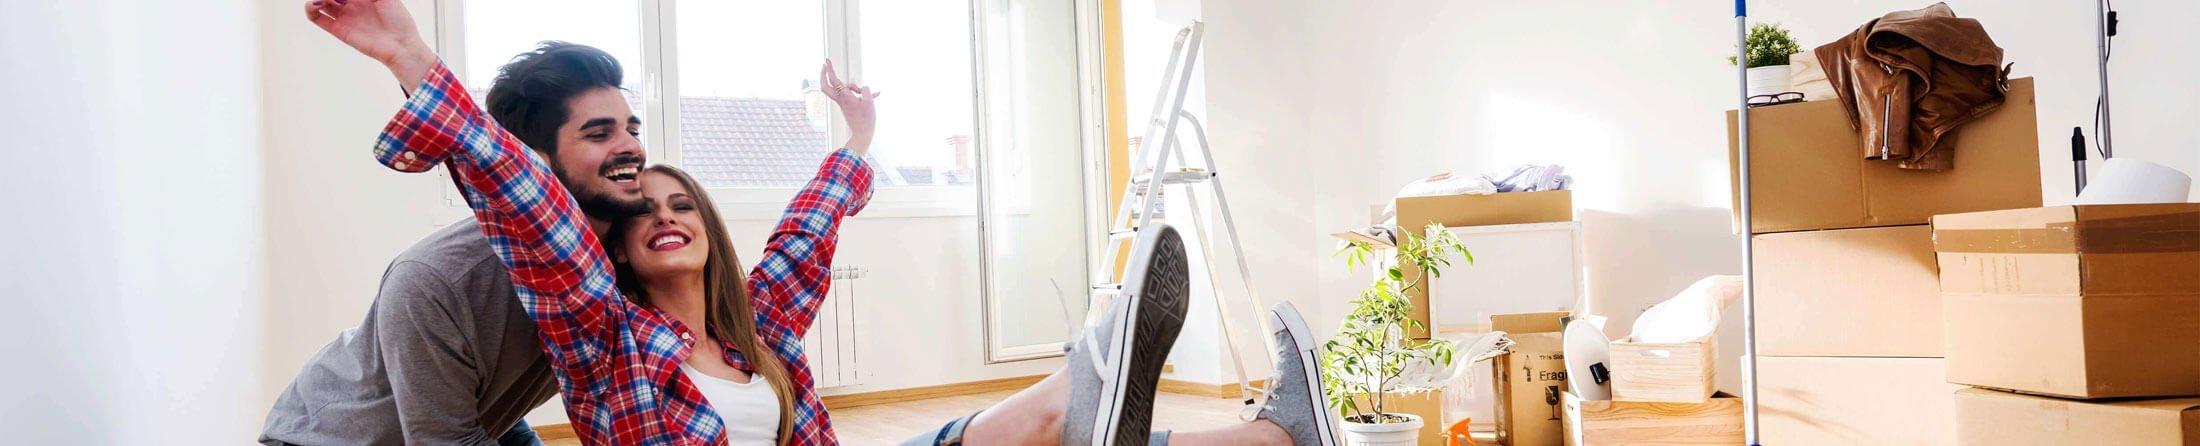 Assurance appartement étudiant : à quelle assurance souscrire pour un appartement étudiant ?